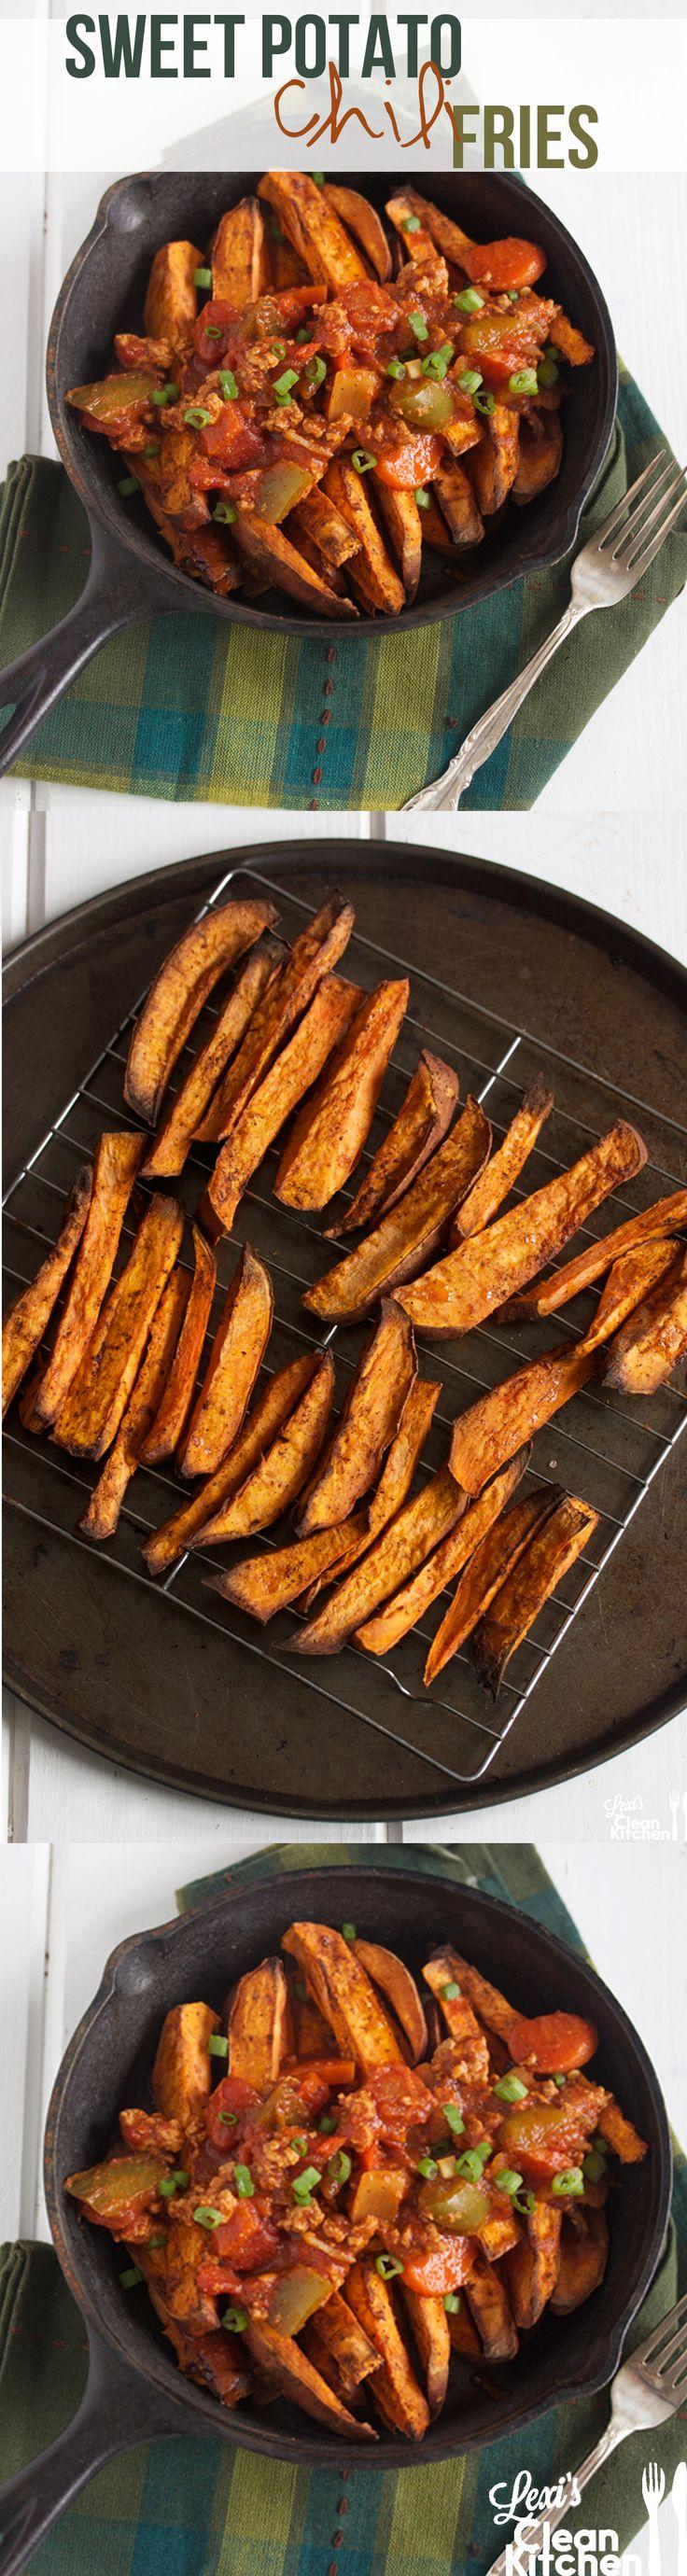 Sweet Potato Chili Fries + How to get crispy wedges! via @Alexis Kornblum | Lexi's Clean Kitchen #Fitfluential #EAT #Paleo